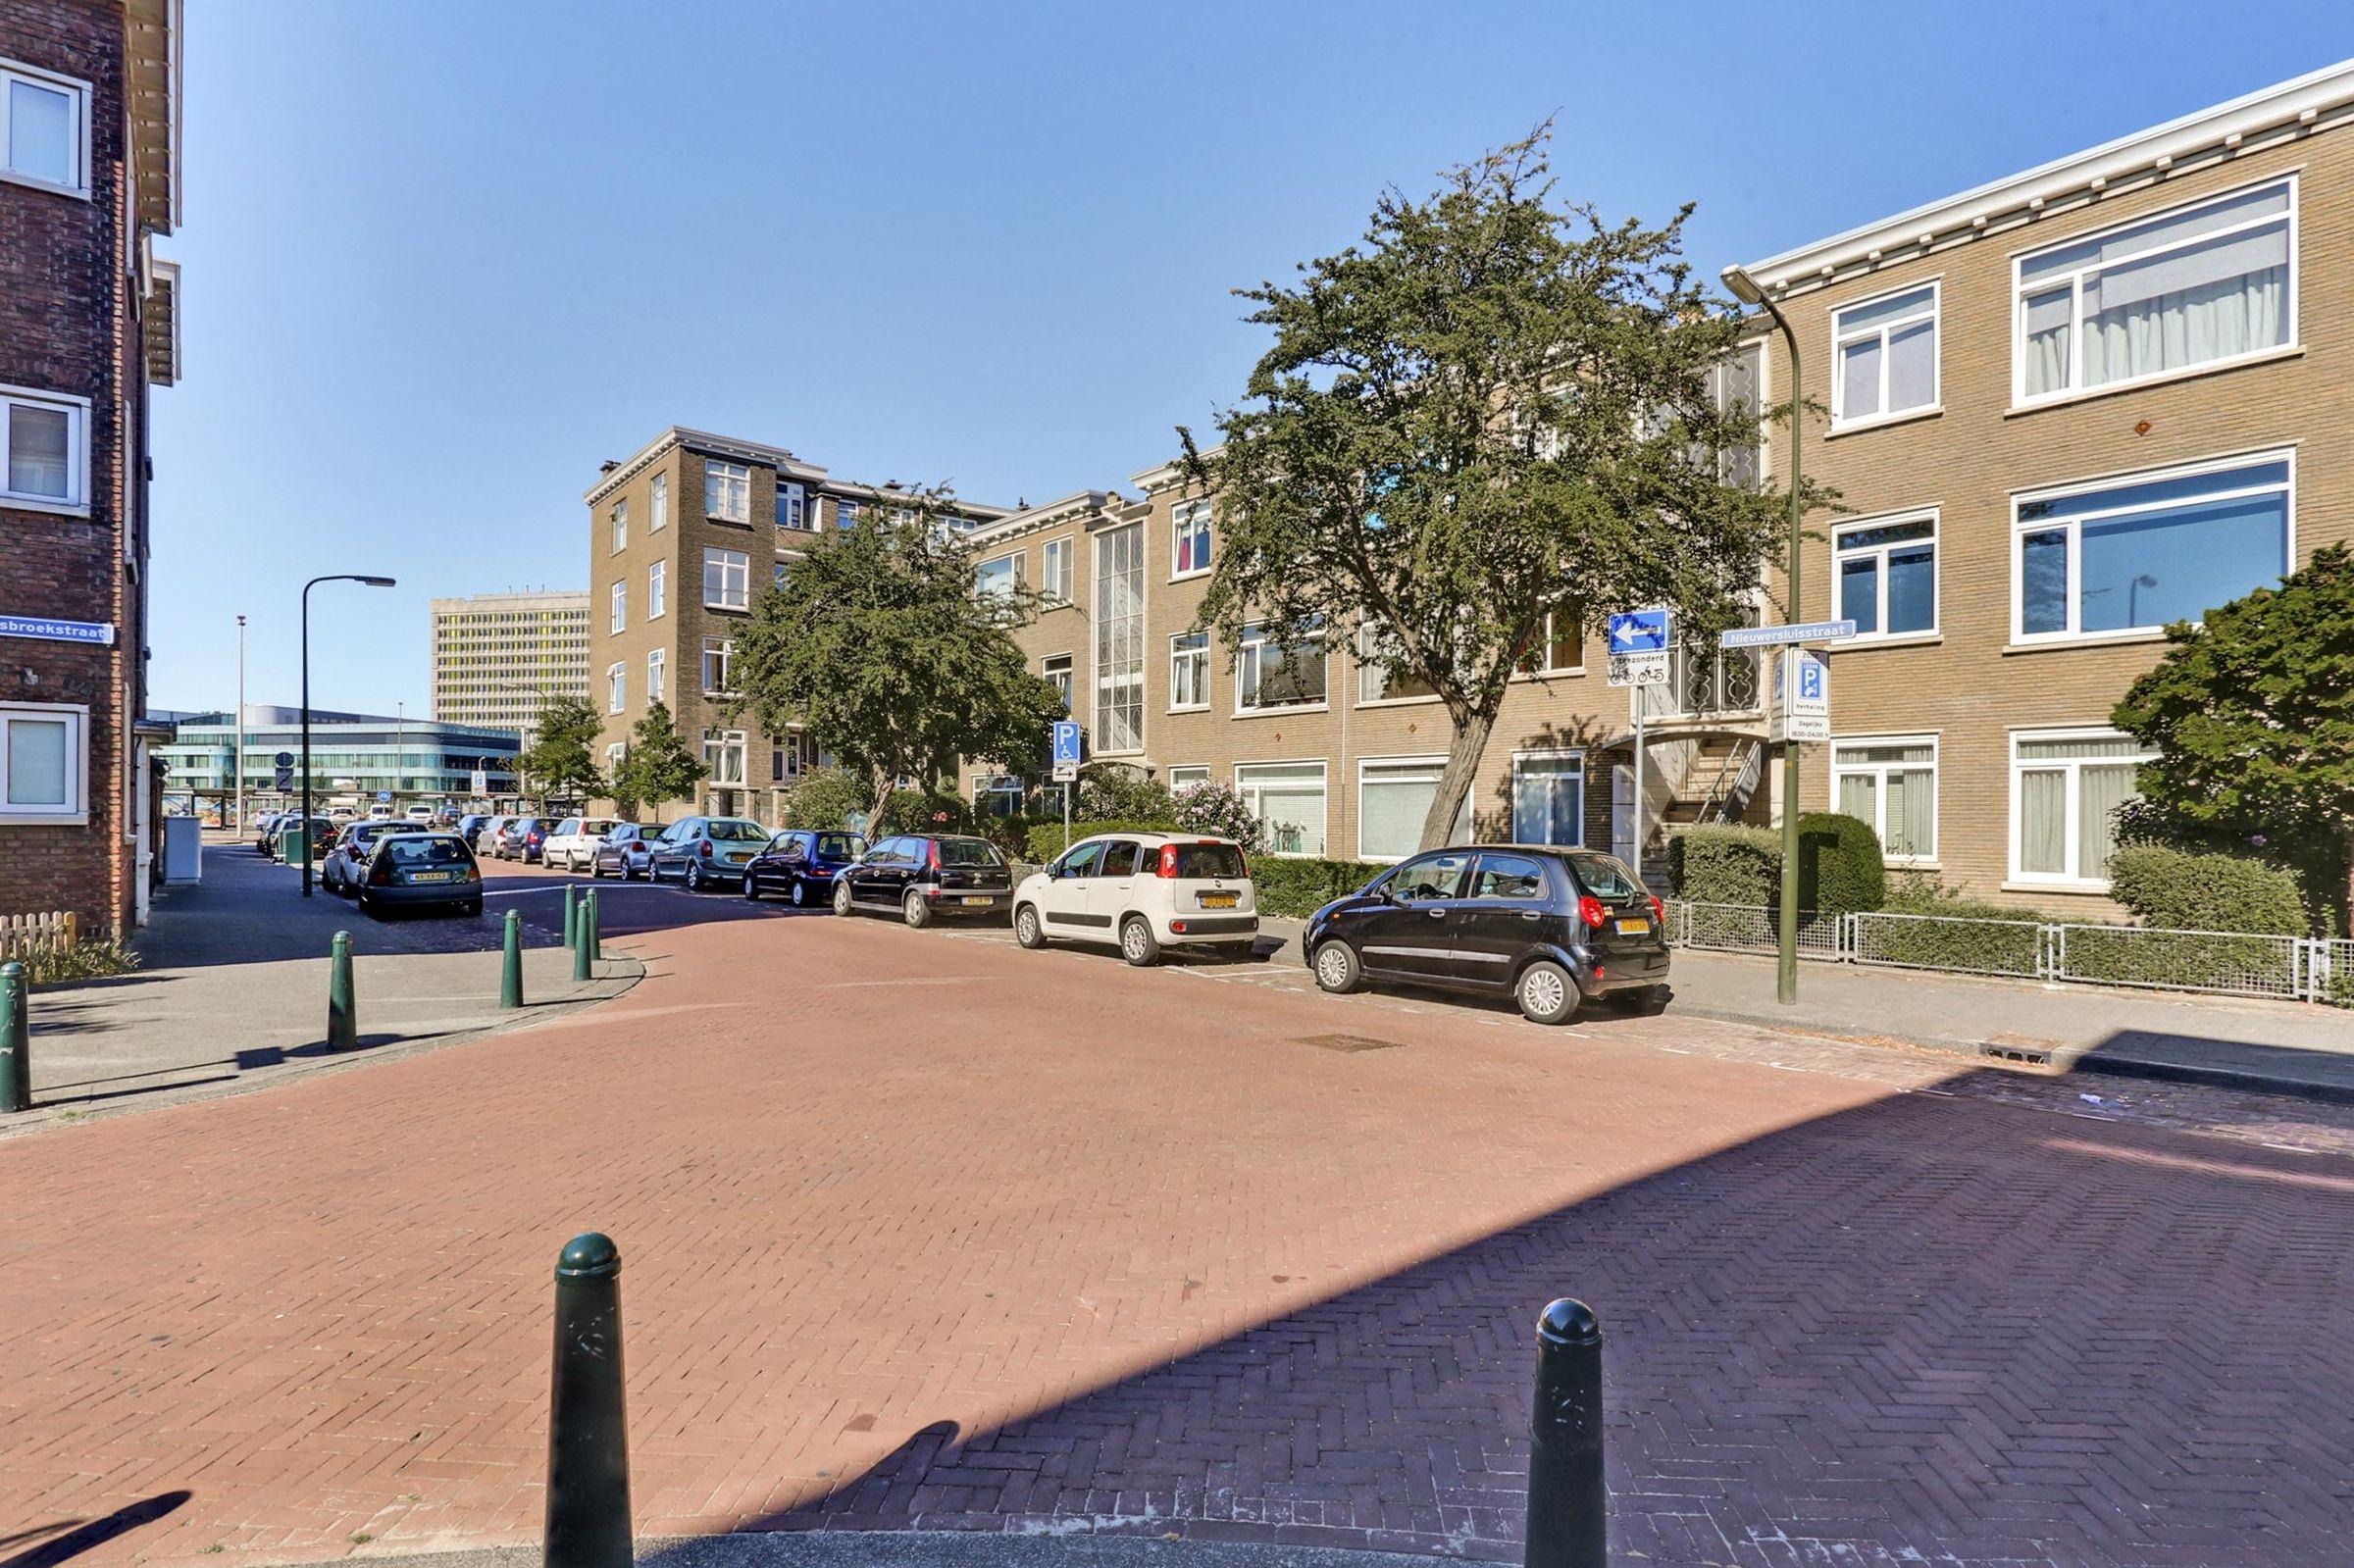 Nieuwersluisstraat 237, 's-Gravenhage